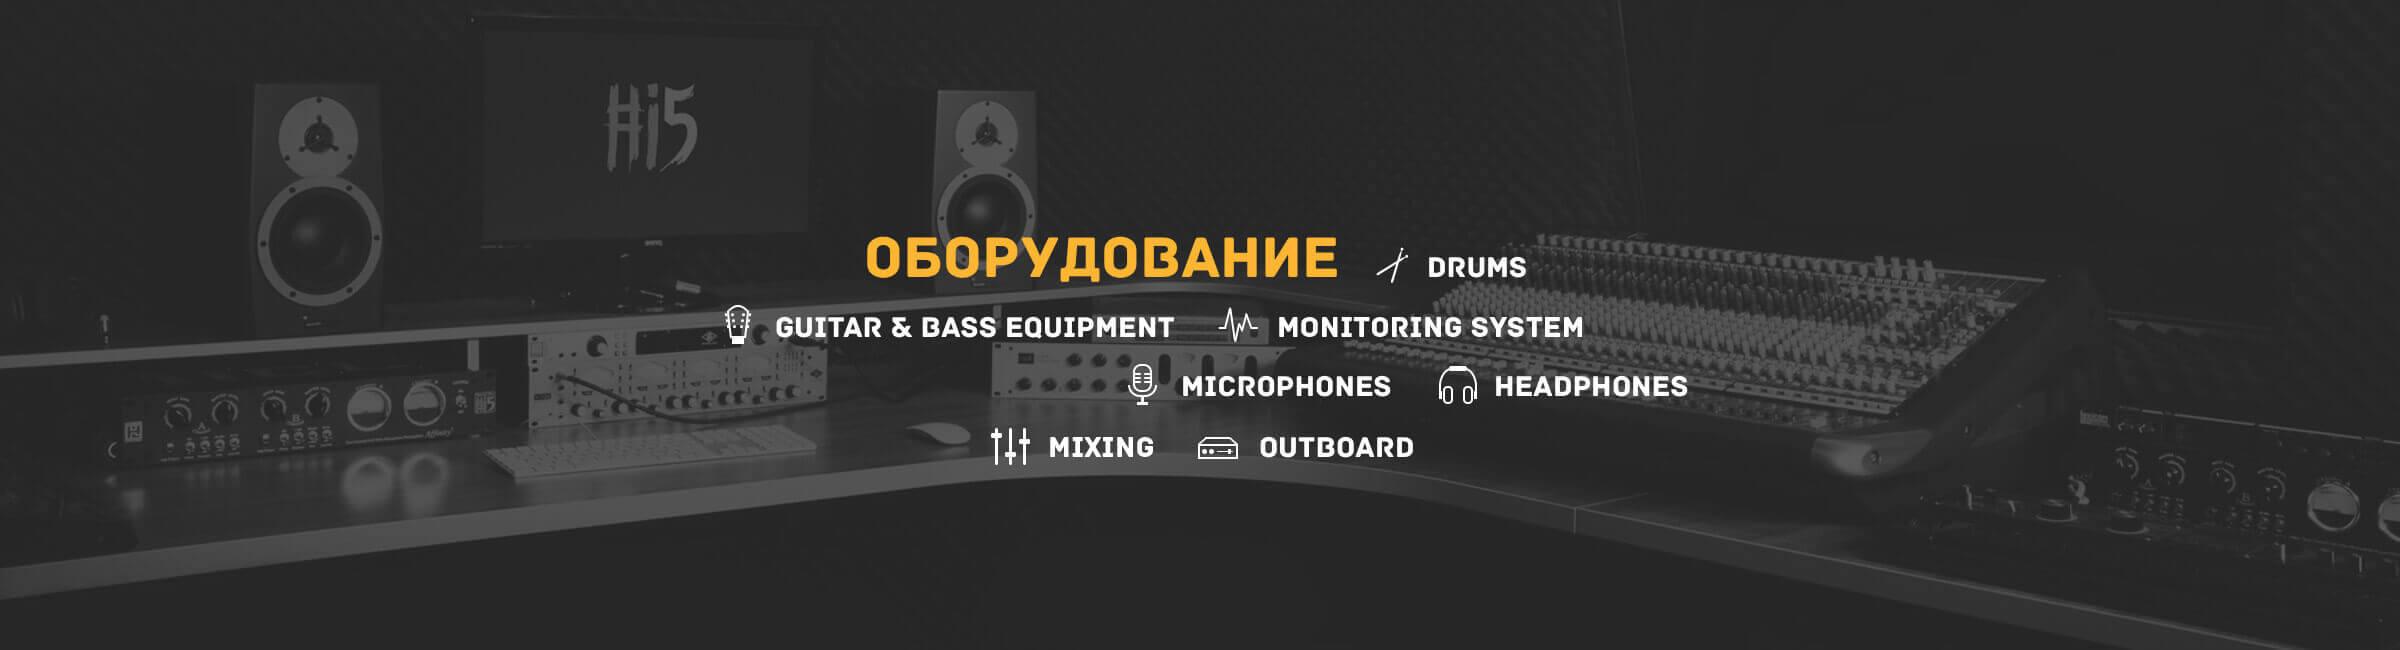 hi5-audio